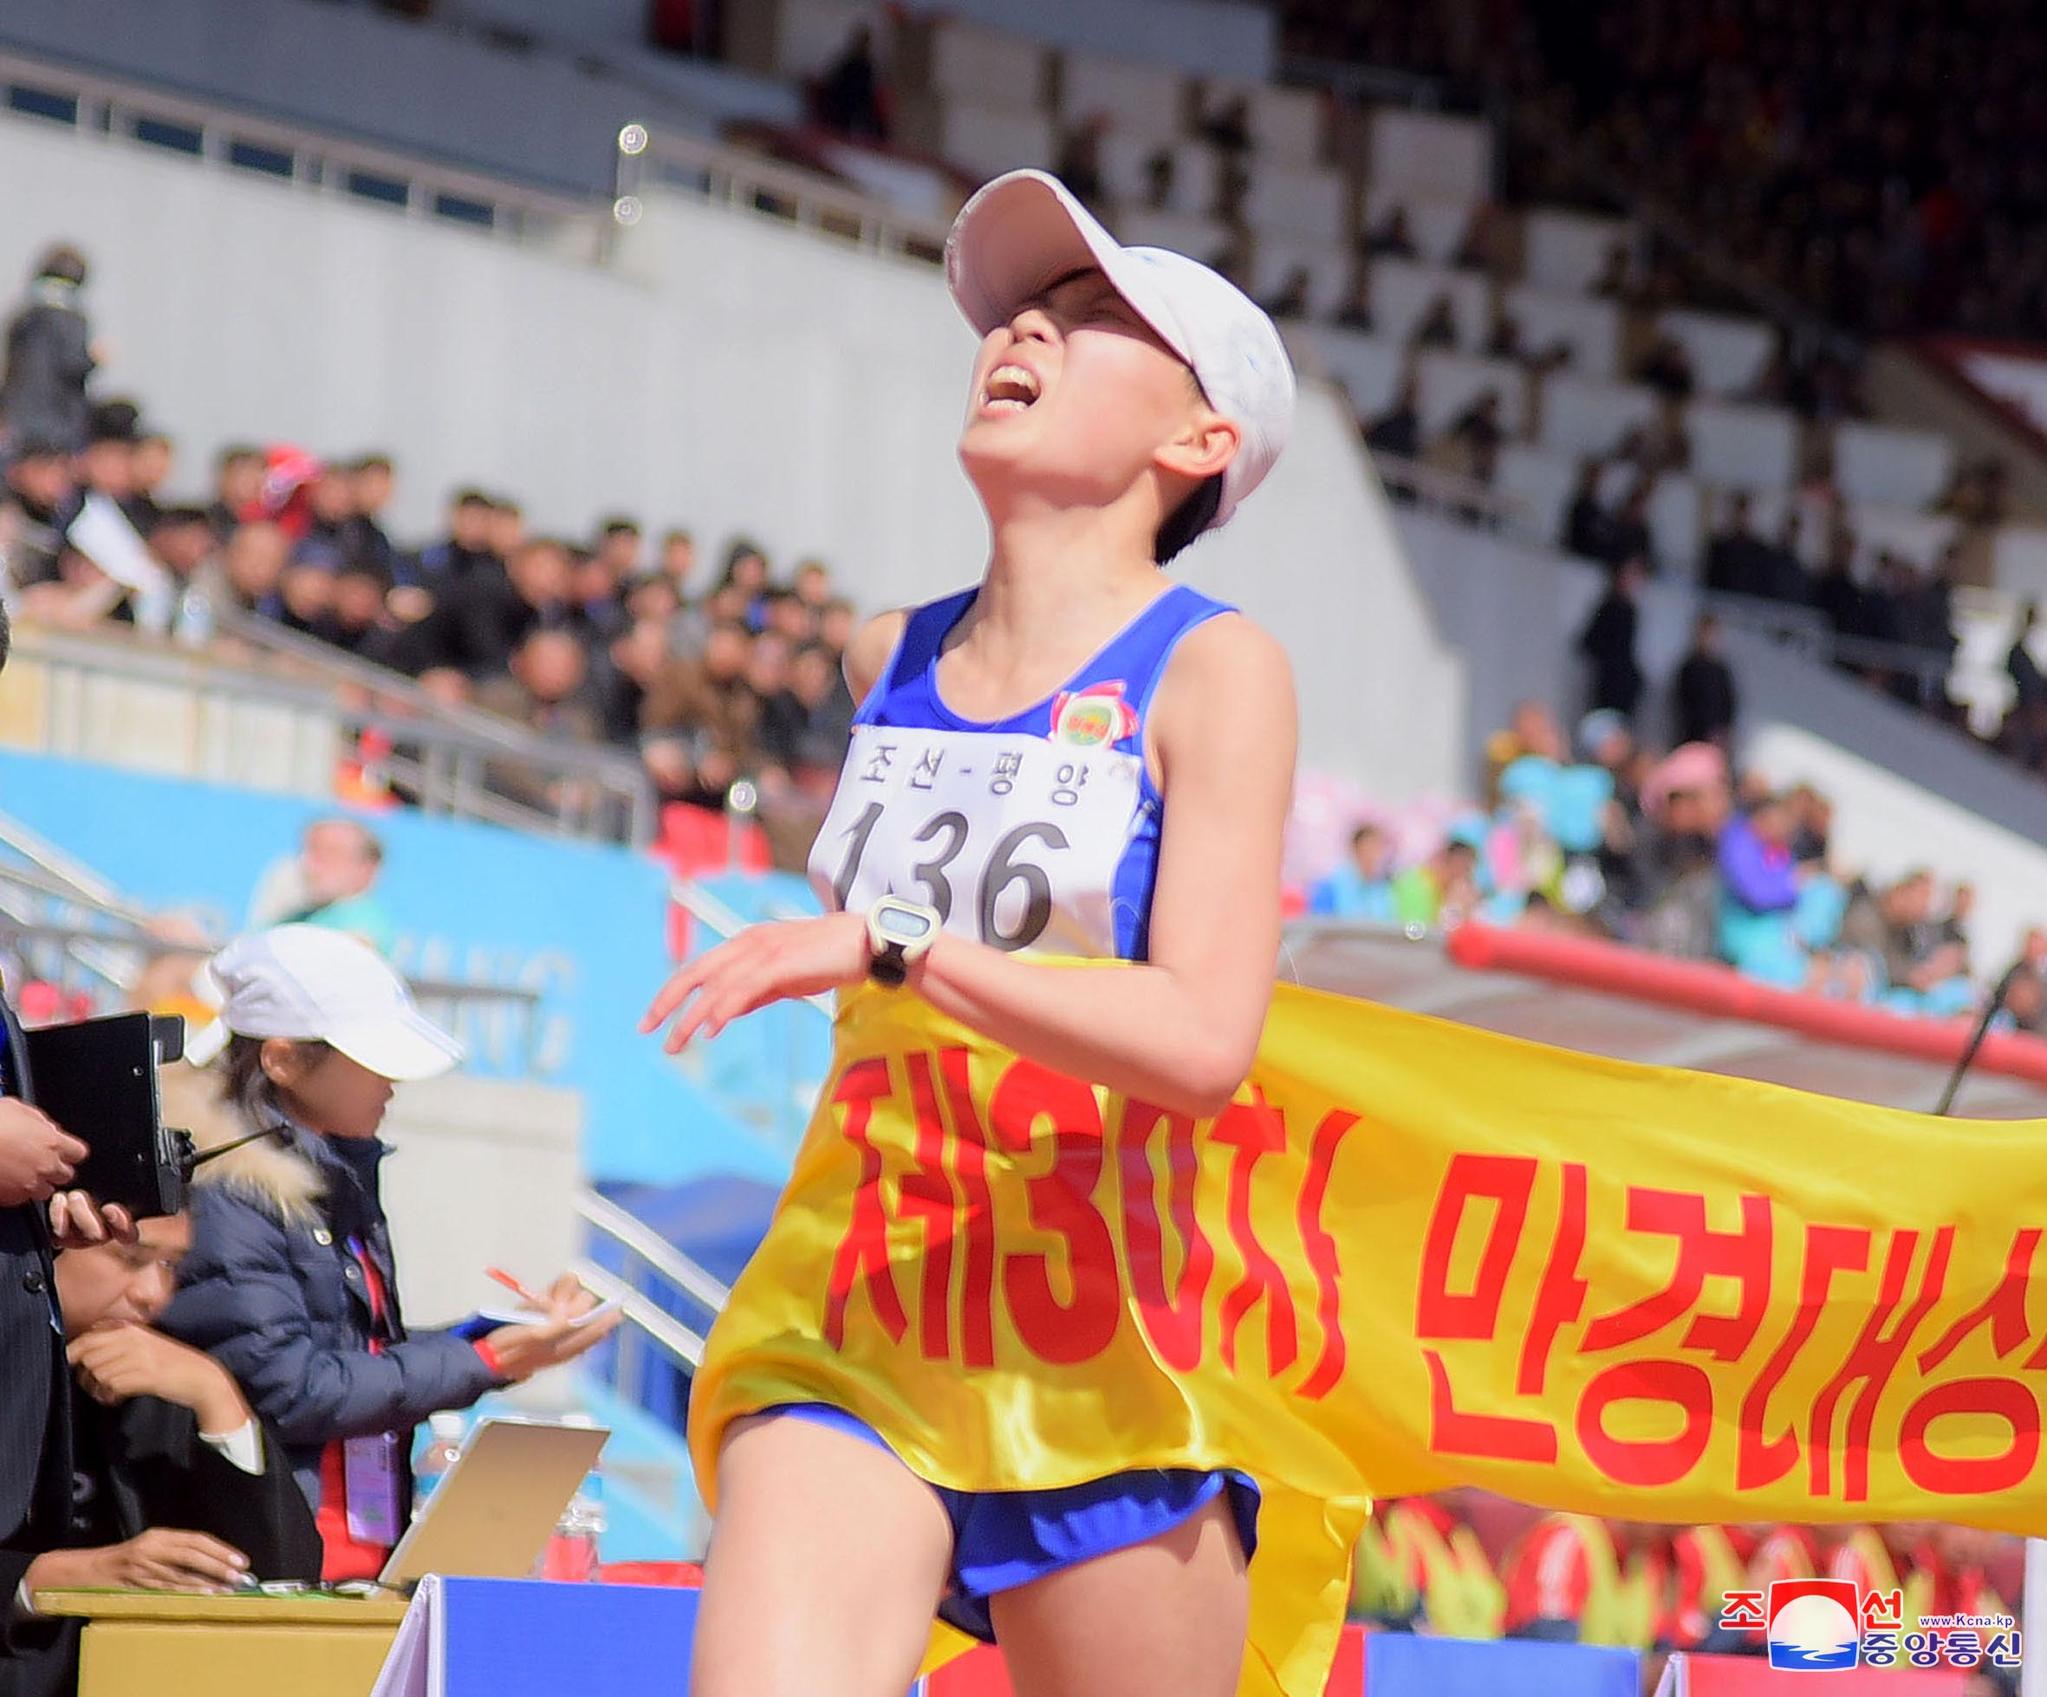 평양에서 열린 만경대상 국제마라톤 경기대회에서 한 선수가 골인점을 통과하고 있다. [조선중앙통신=연합뉴스]